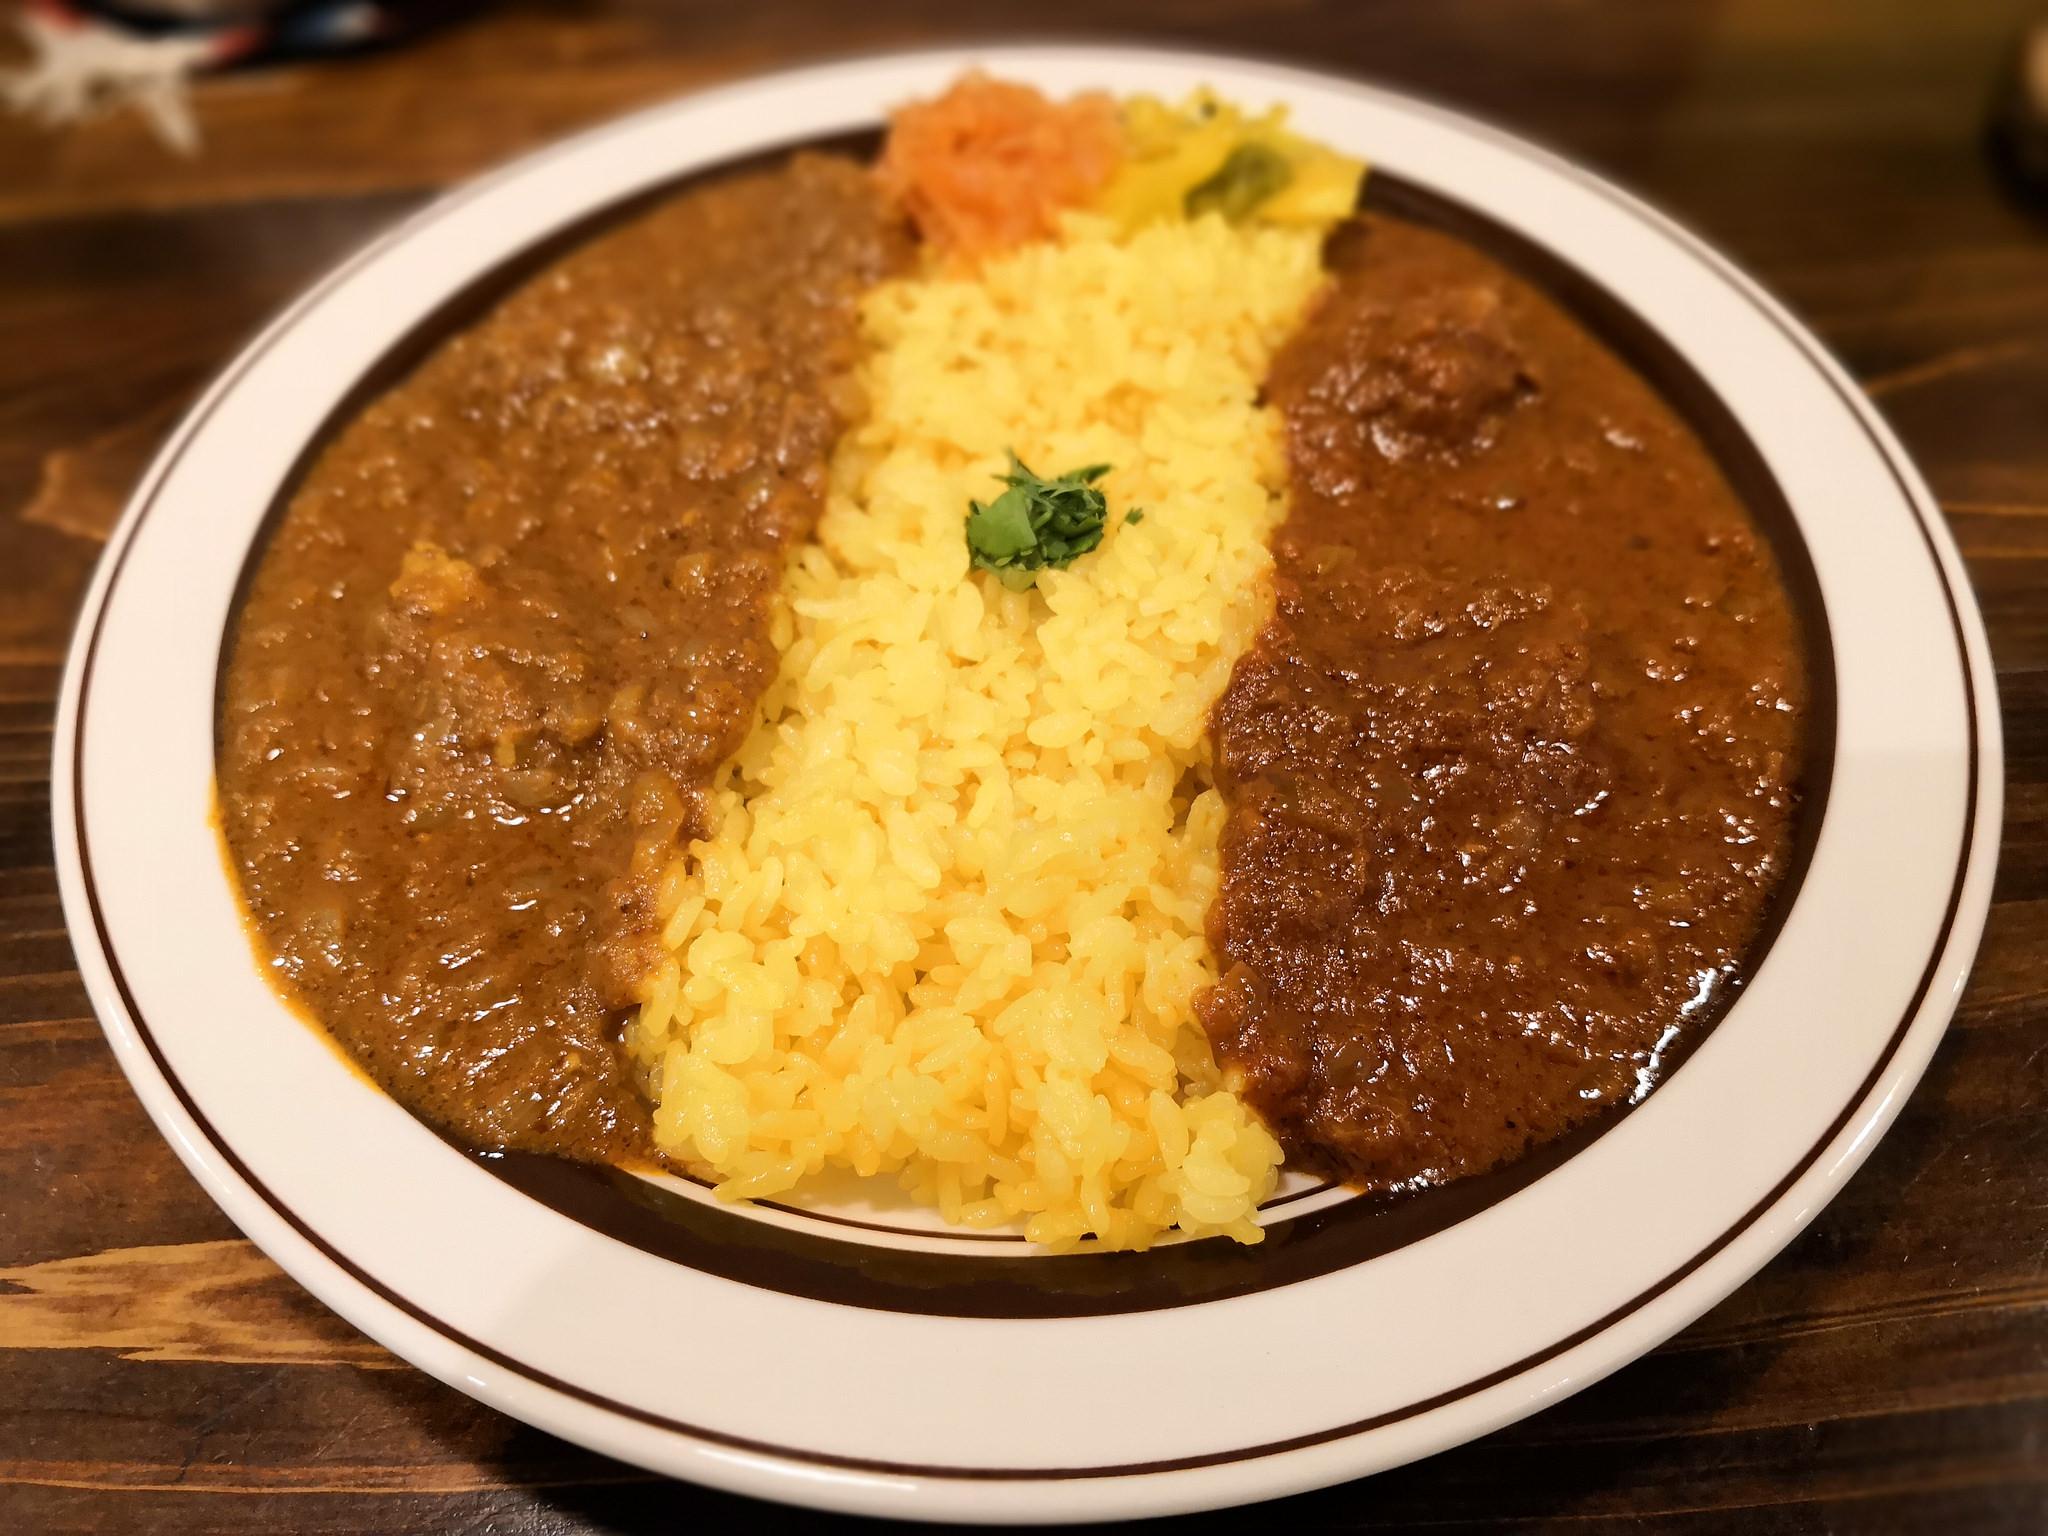 【幡ヶ谷】ウミネコカレー@ゆるふわな雰囲気で、毎日でも食べられるスパイスカレー。